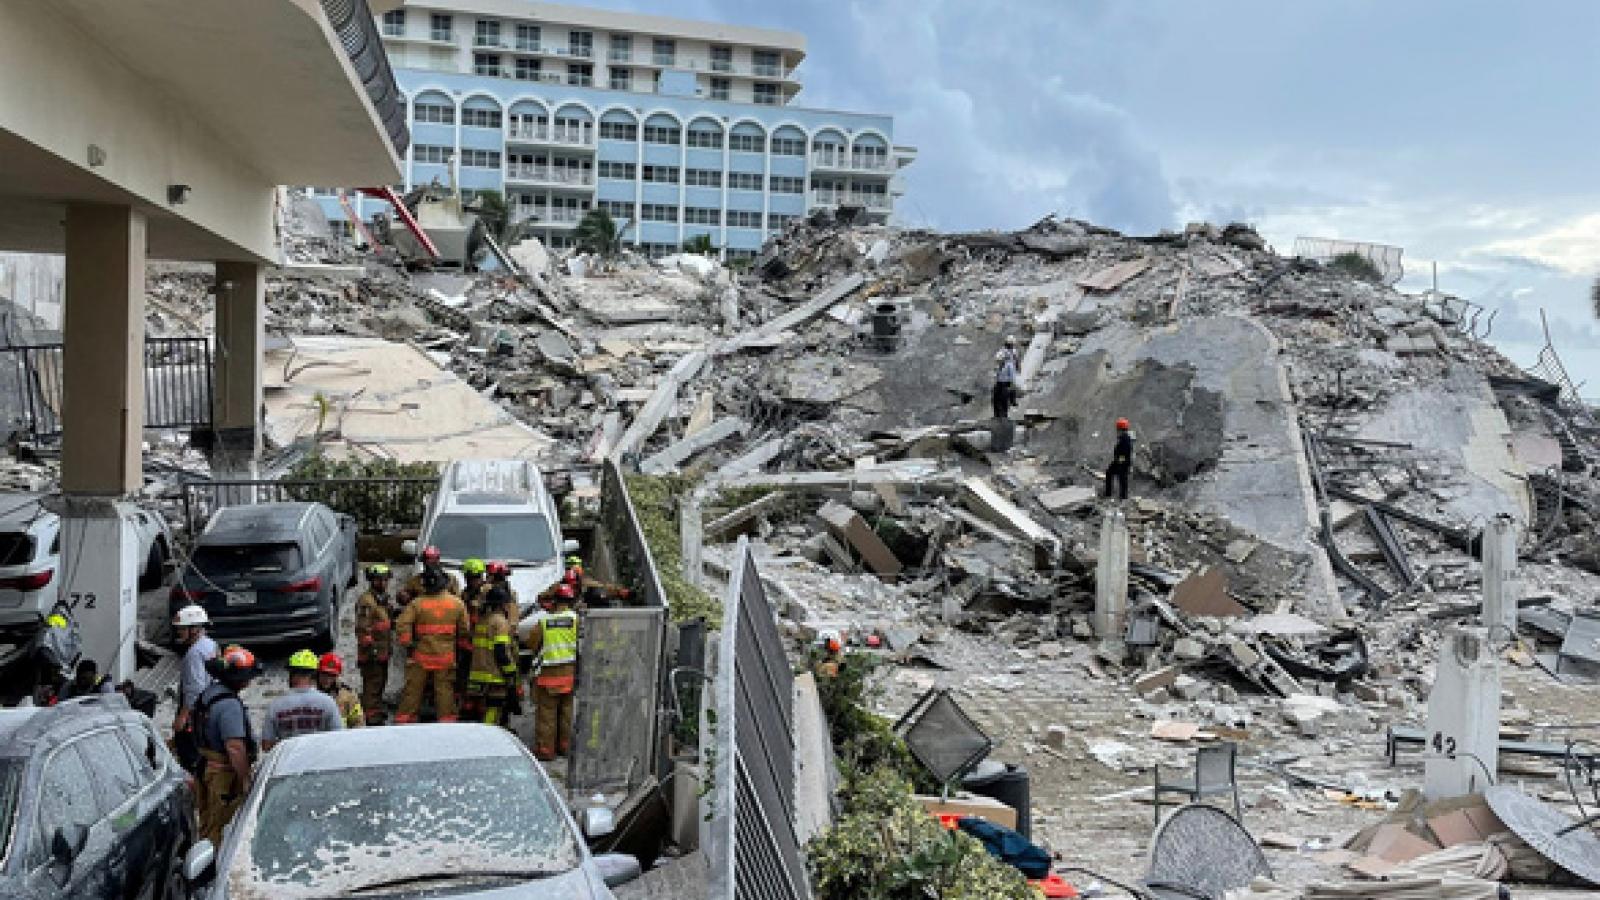 9 người được xác nhận đã chết sau vụ sập tòa nhà chung cư tại bang Florida, Mỹ